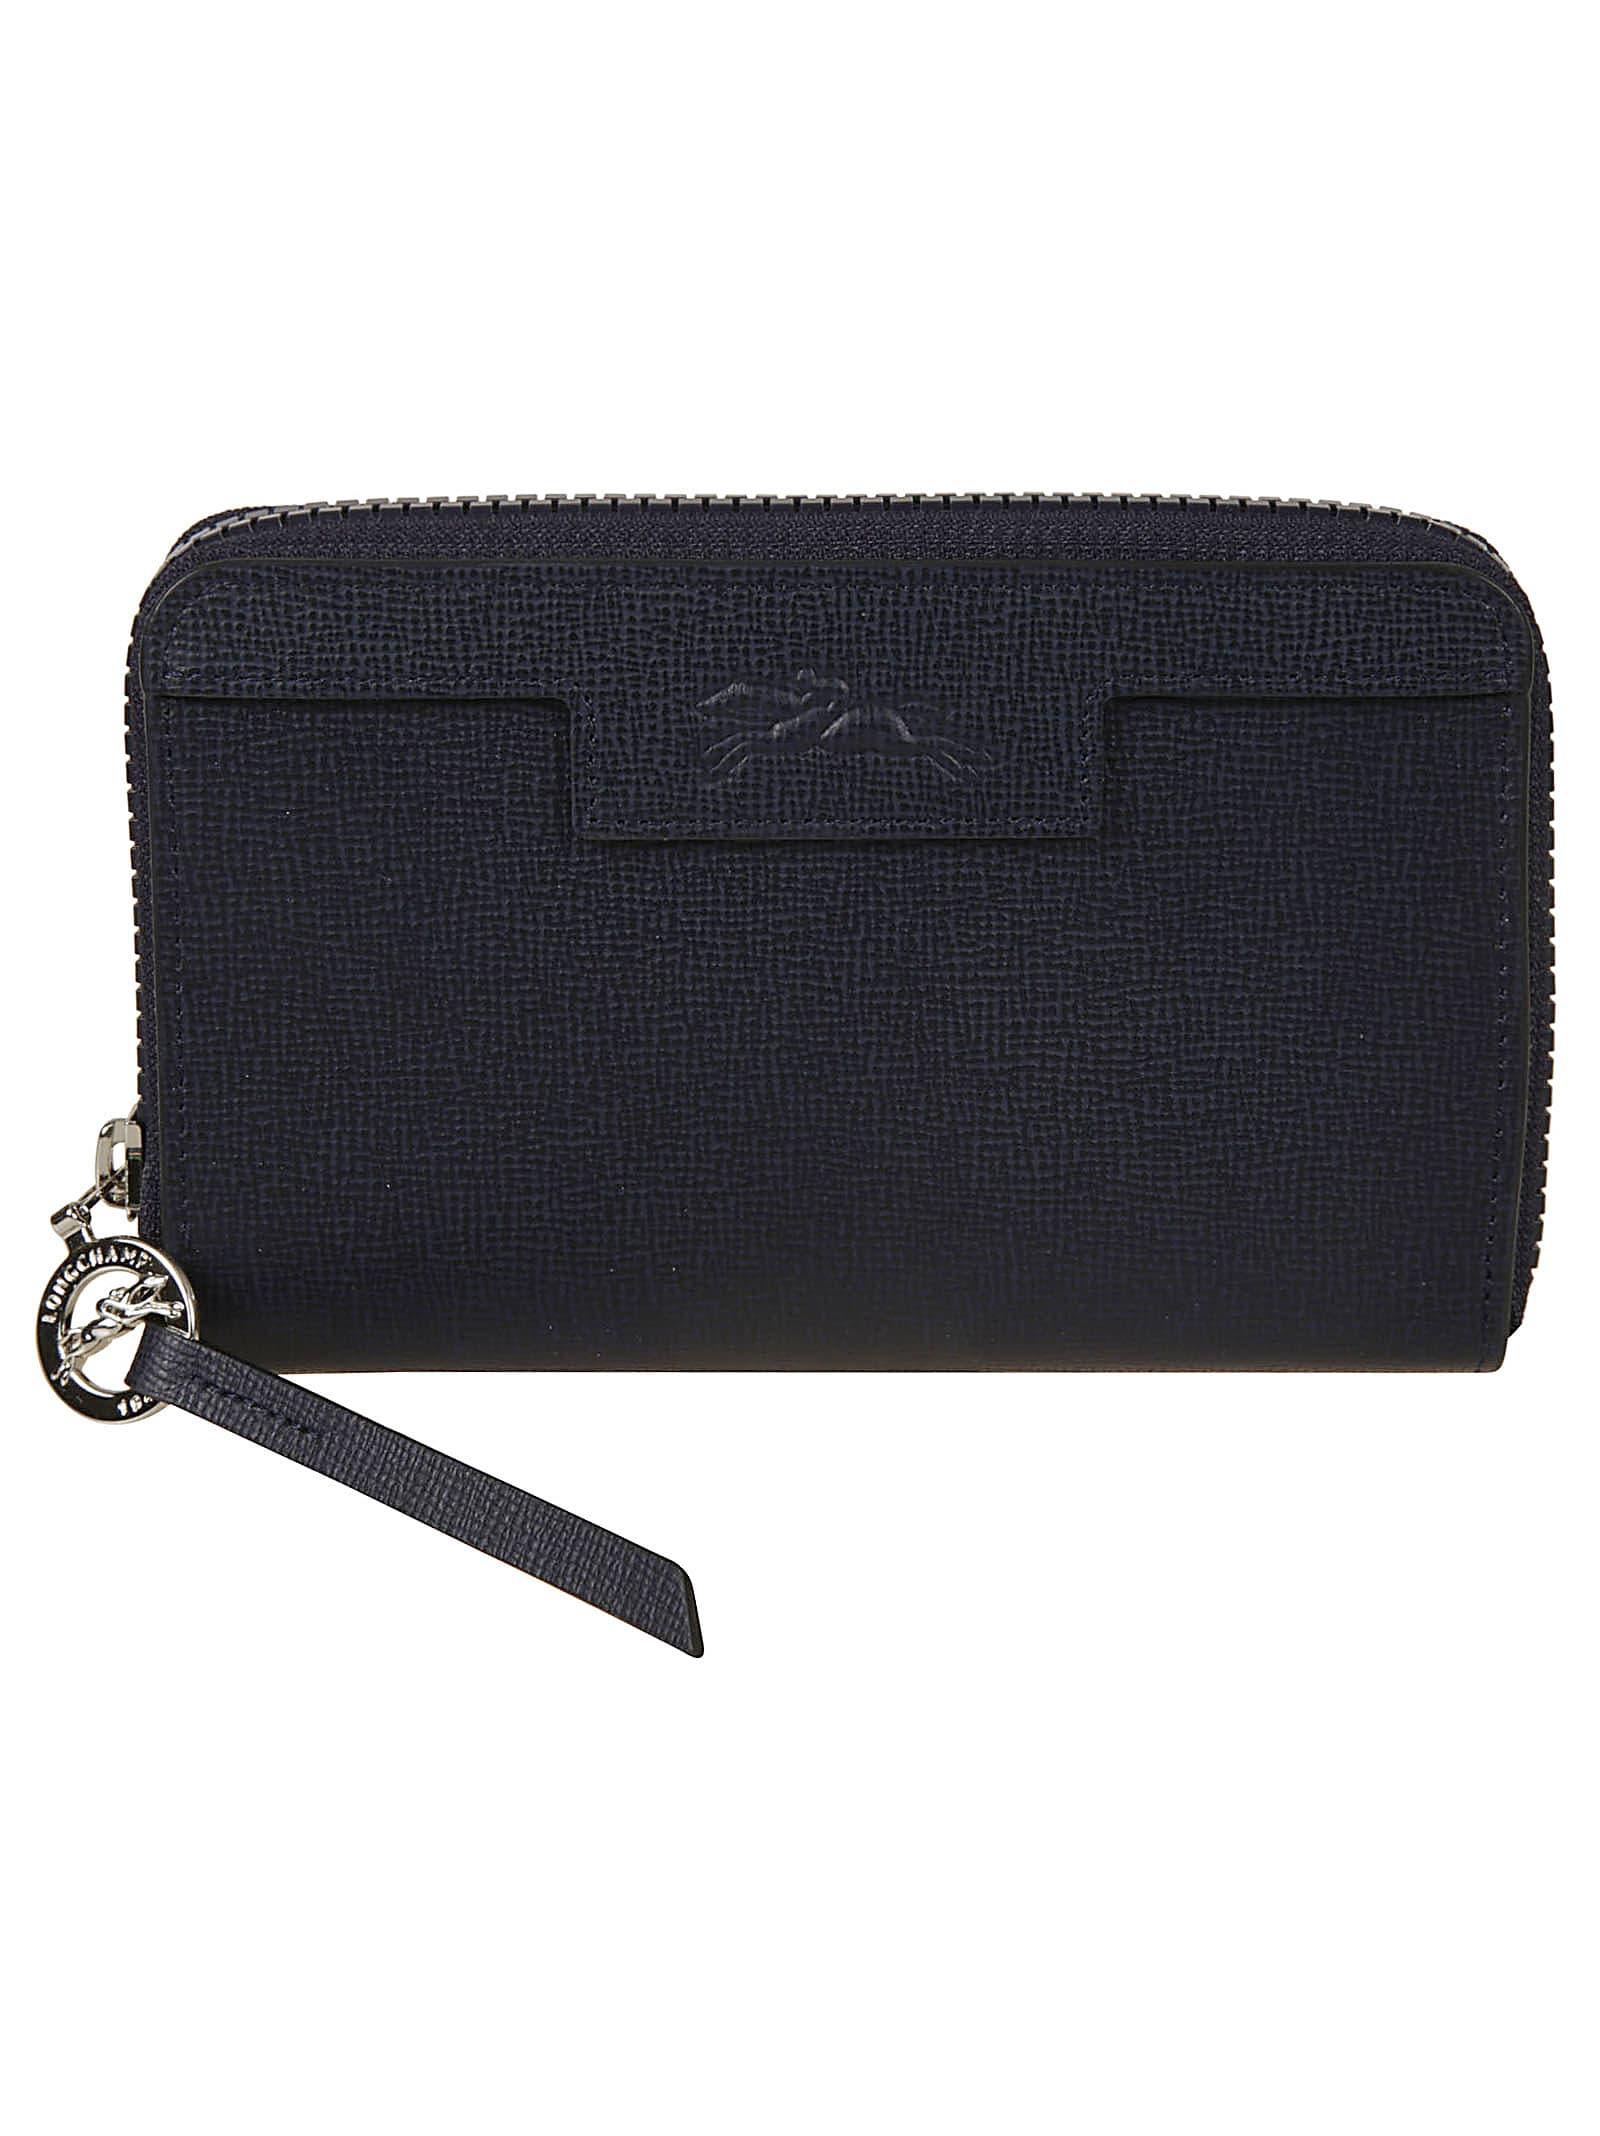 Longchamp Zip-around Wallet